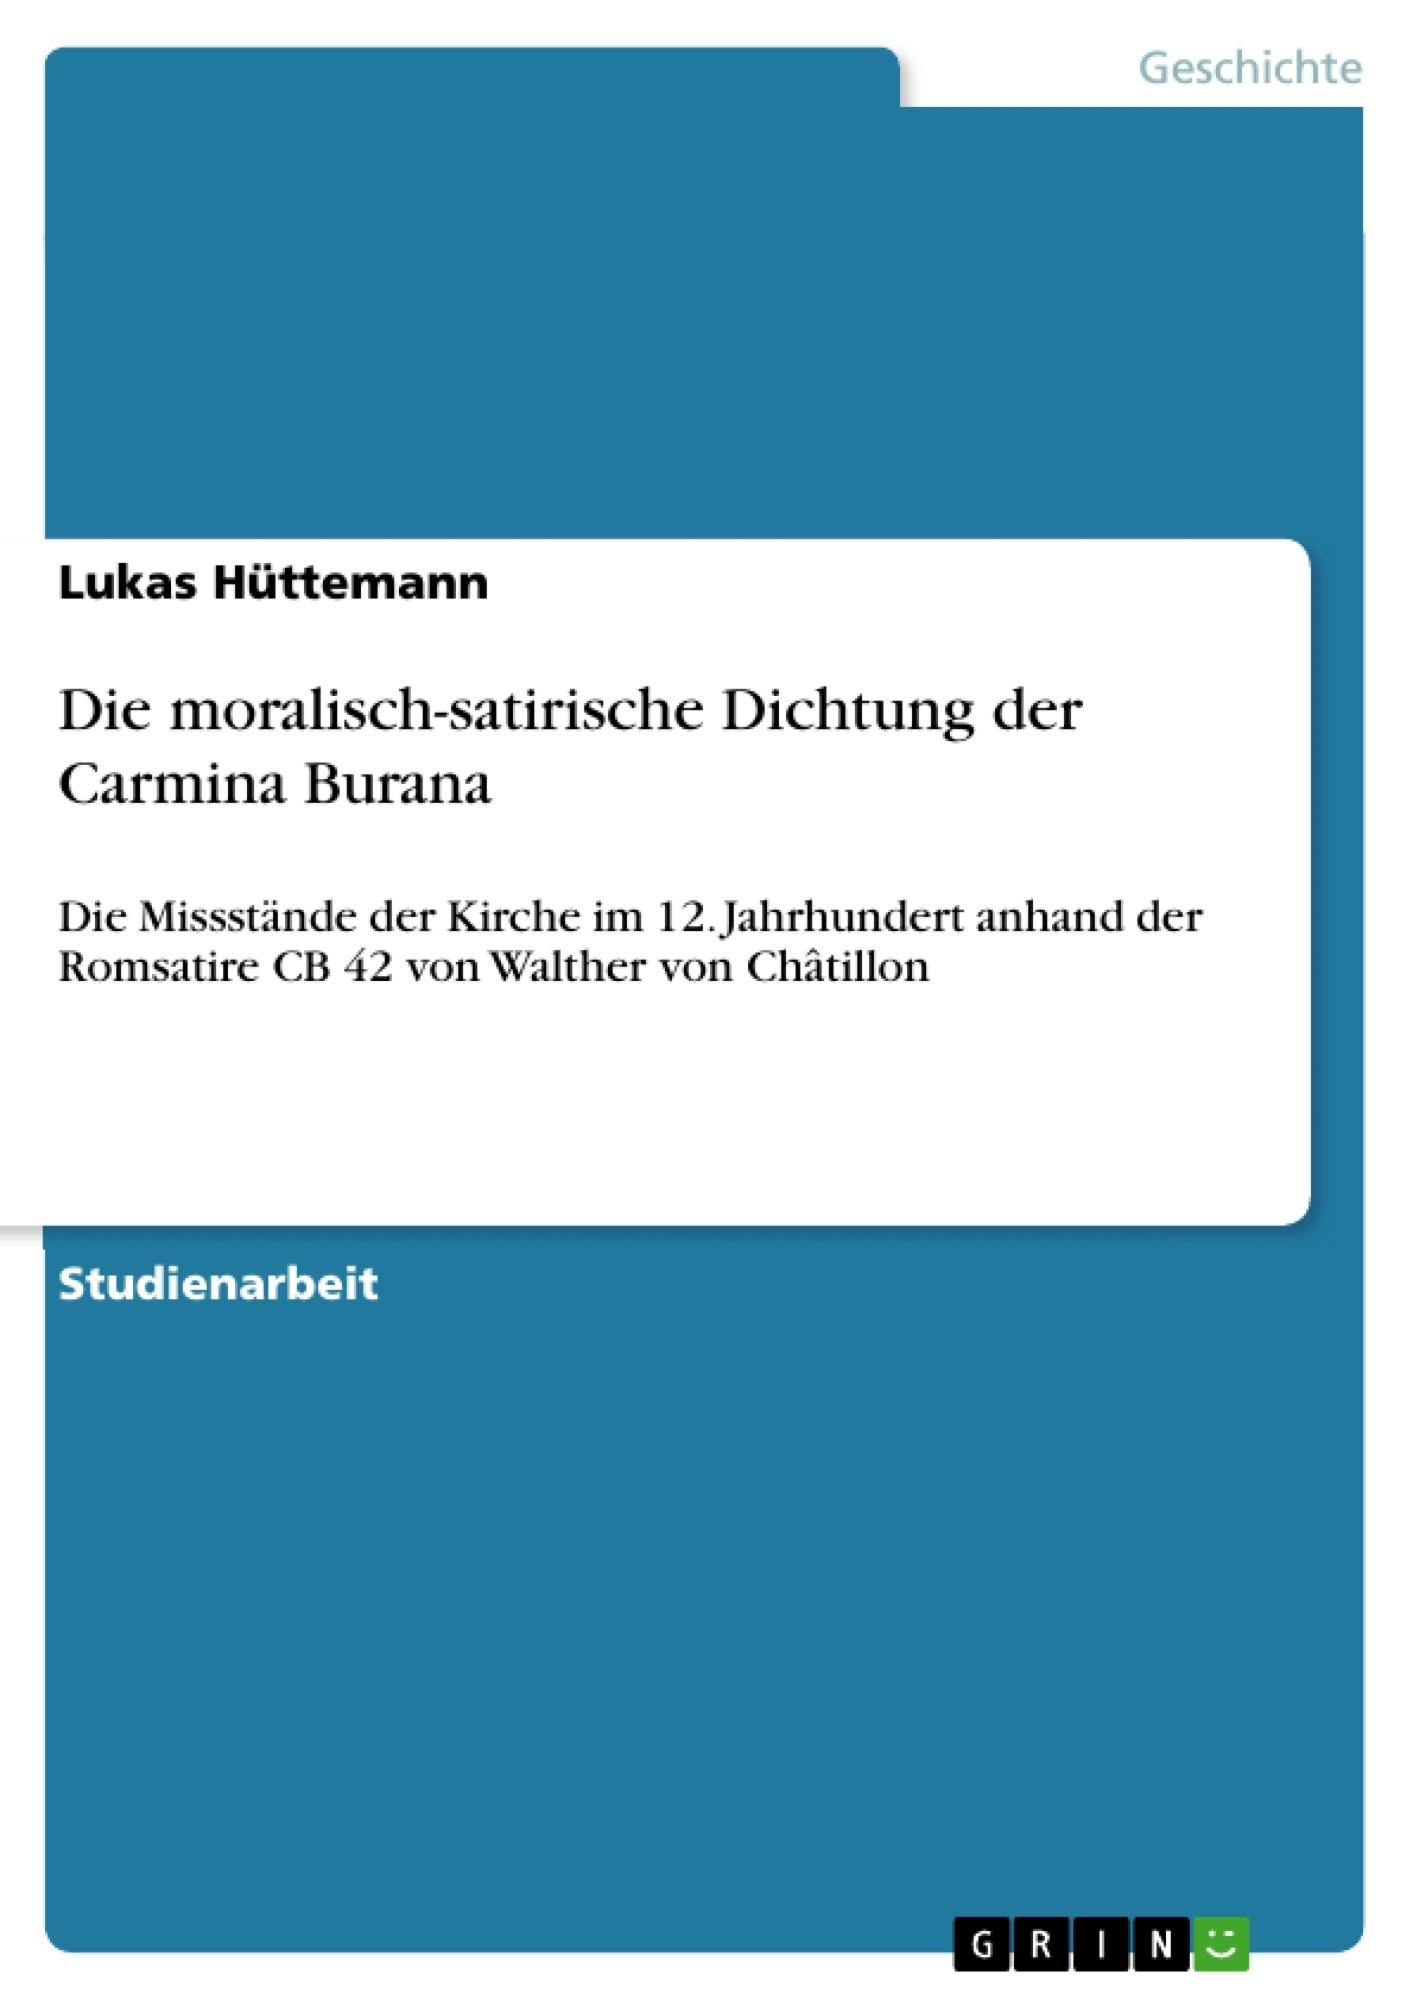 Titel: Die moralisch-satirische Dichtung der Carmina Burana